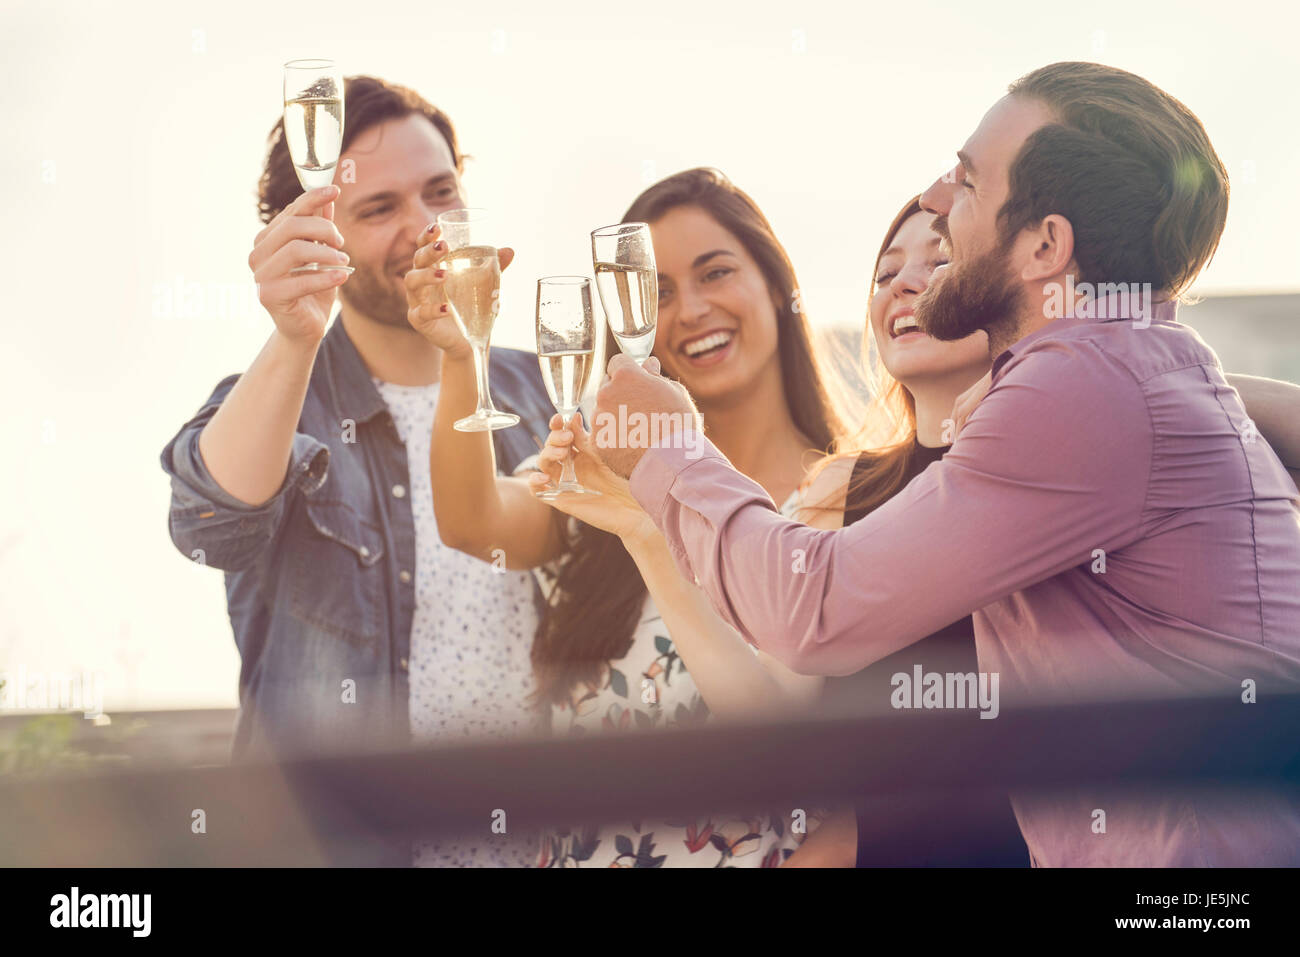 Gli amici a bere champagne insieme all'aperto Immagini Stock